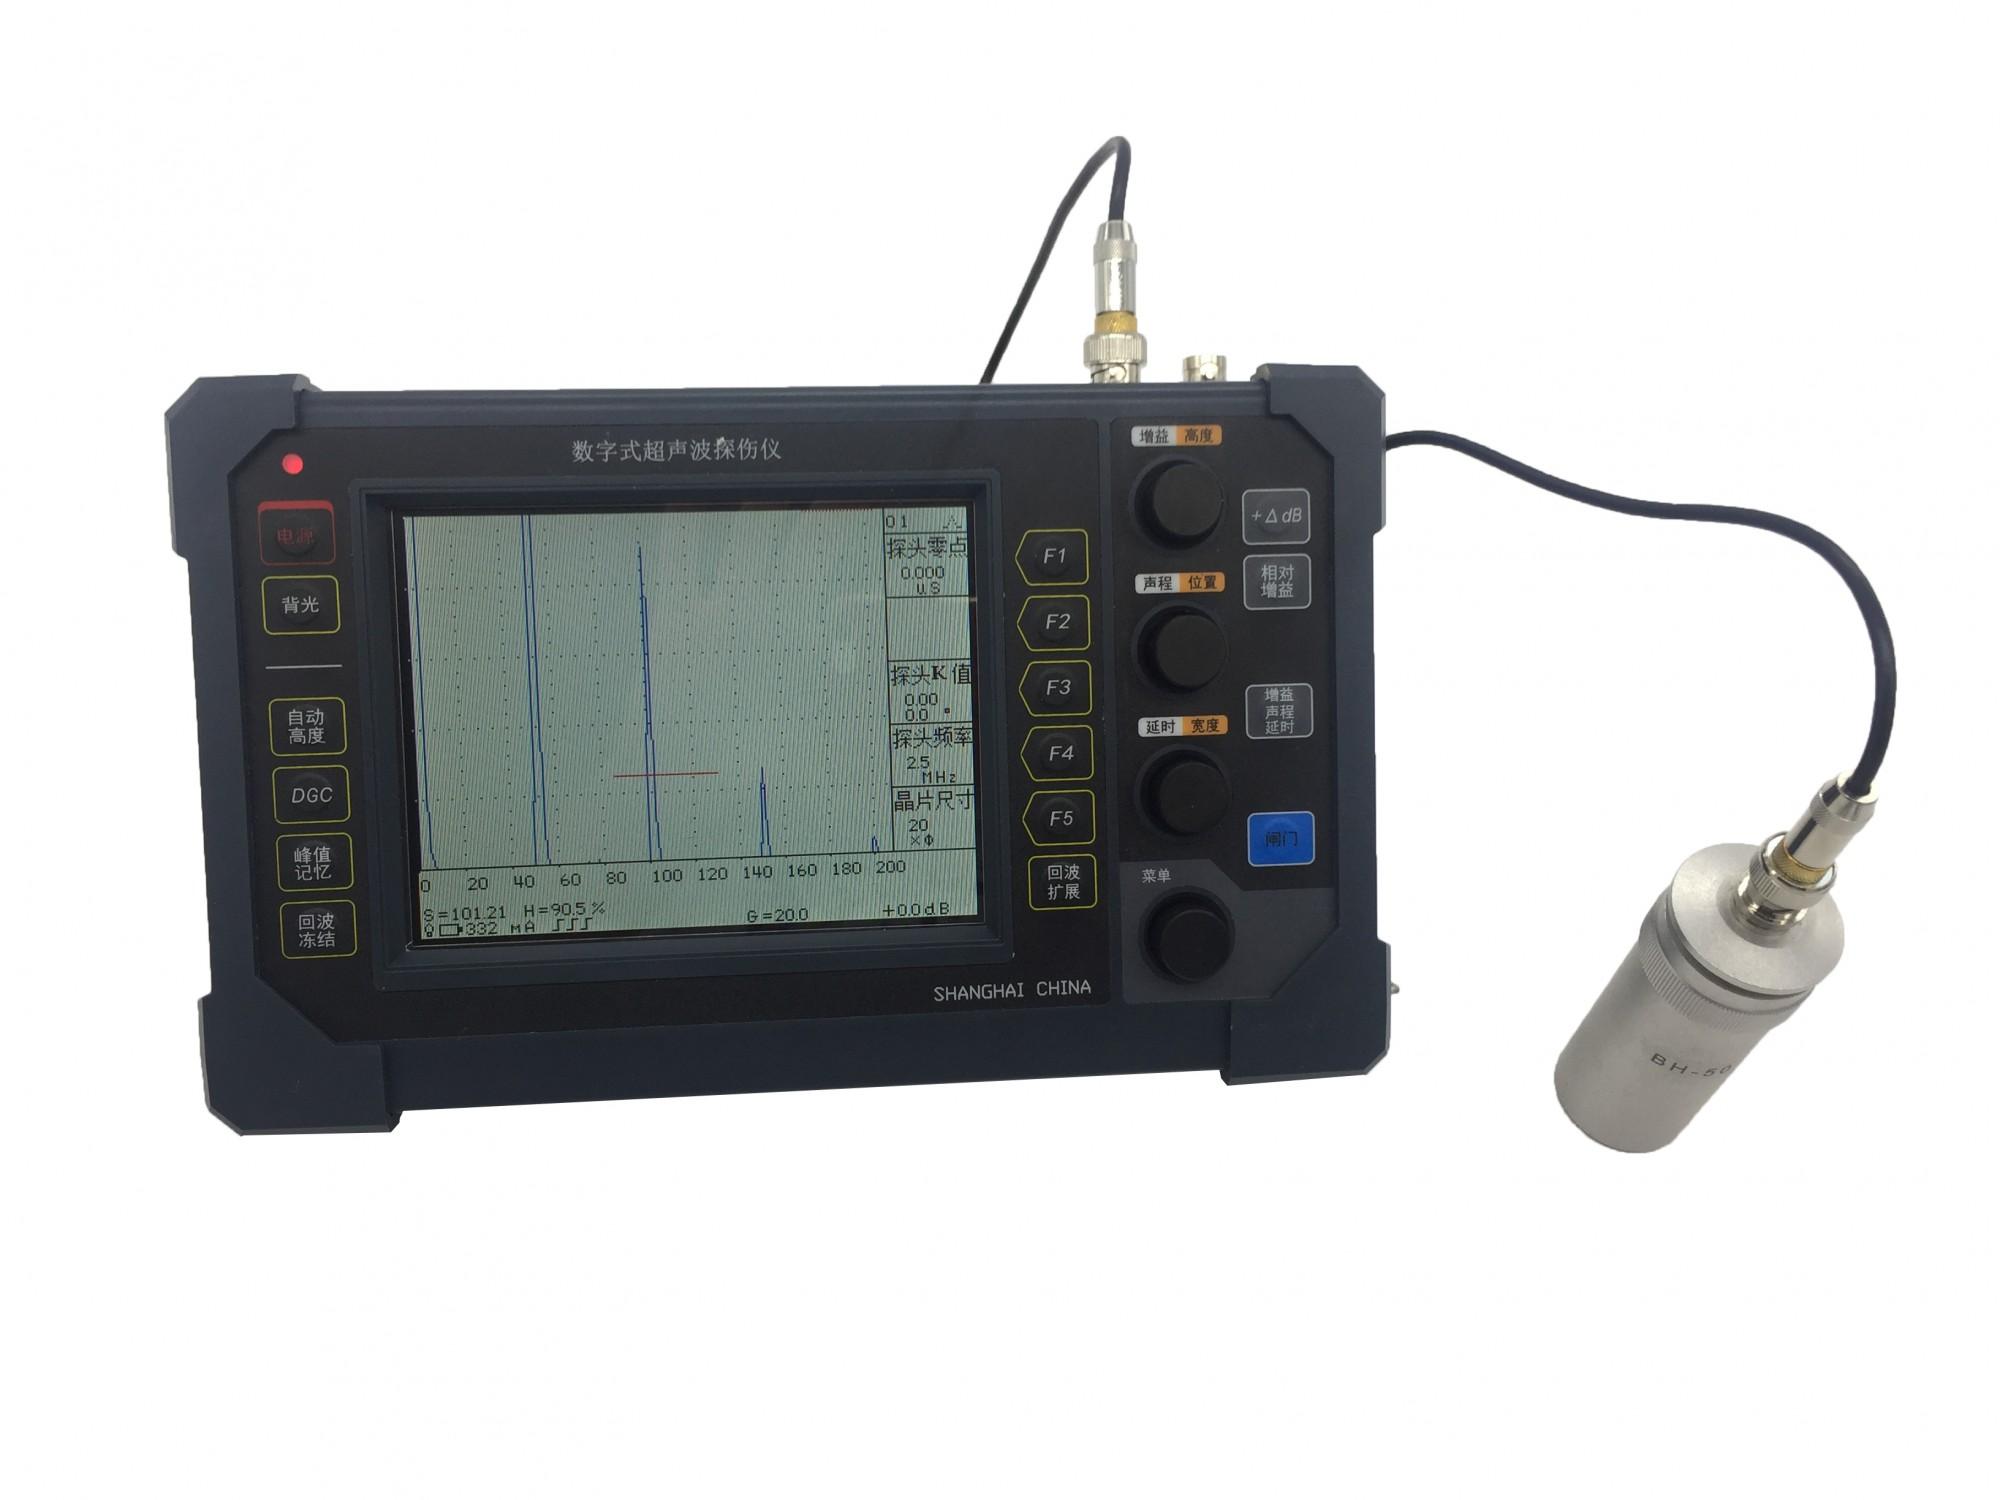 便携式数字式超声波探伤仪LS90